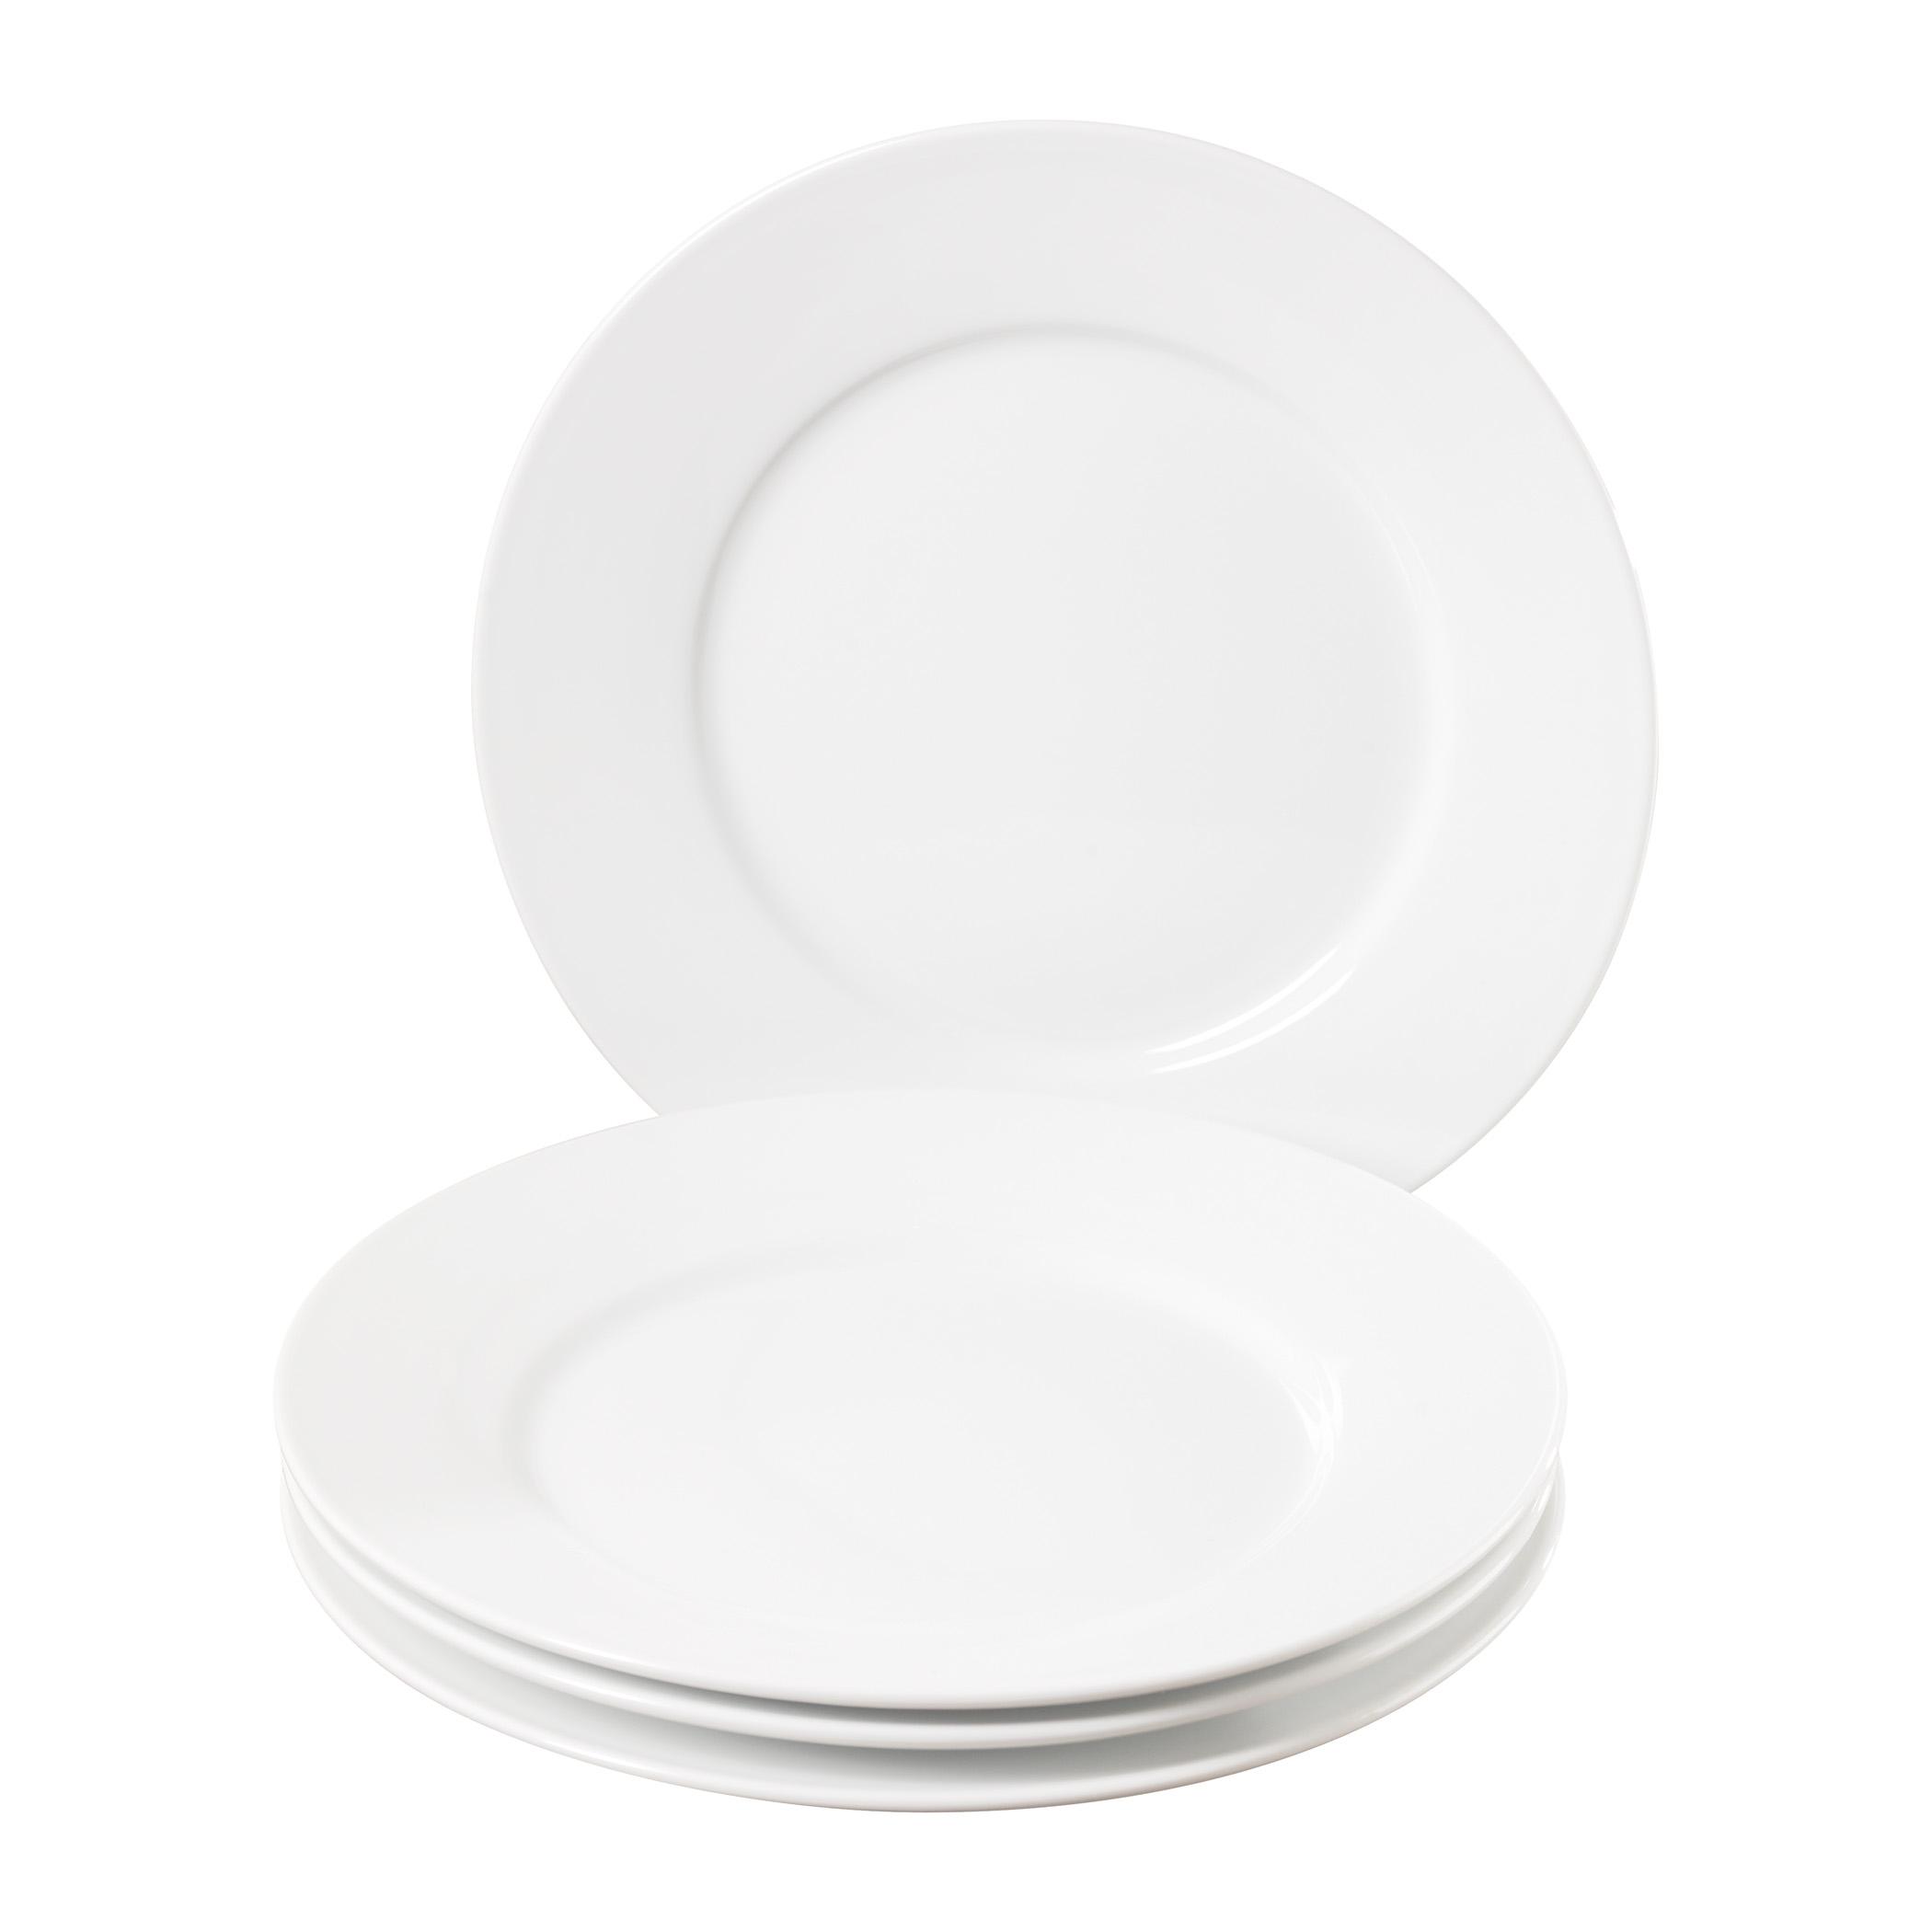 TTU-Q1202-EC-Set of Four 9 inch Porcelain Salad Plates by Denmark  sc 1 st  Tabletops Unlimited & Set of Four 9 Inch Round Porcelain Salad Plates by Denmark Tools For ...